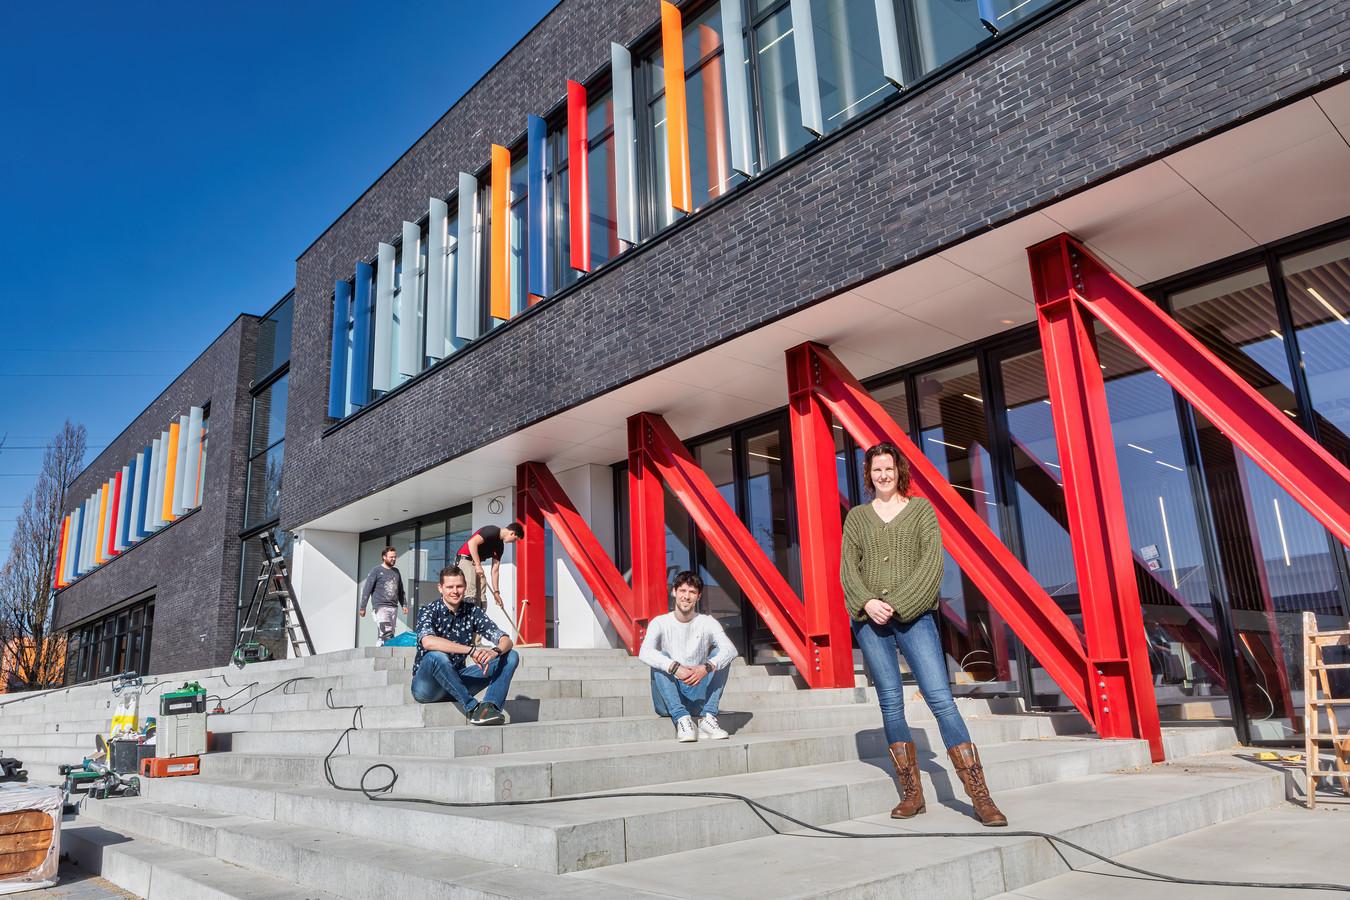 Terwijl het werk aan de nieuwbouw van het Dongemond College nog in volle gang is, poseren docenten die nauw betrokken zijn geweest bij de bouw op de trappen van het gebouw. (vlnr Emiel van den Berg, Levi van Erp en Ilona Leijs).